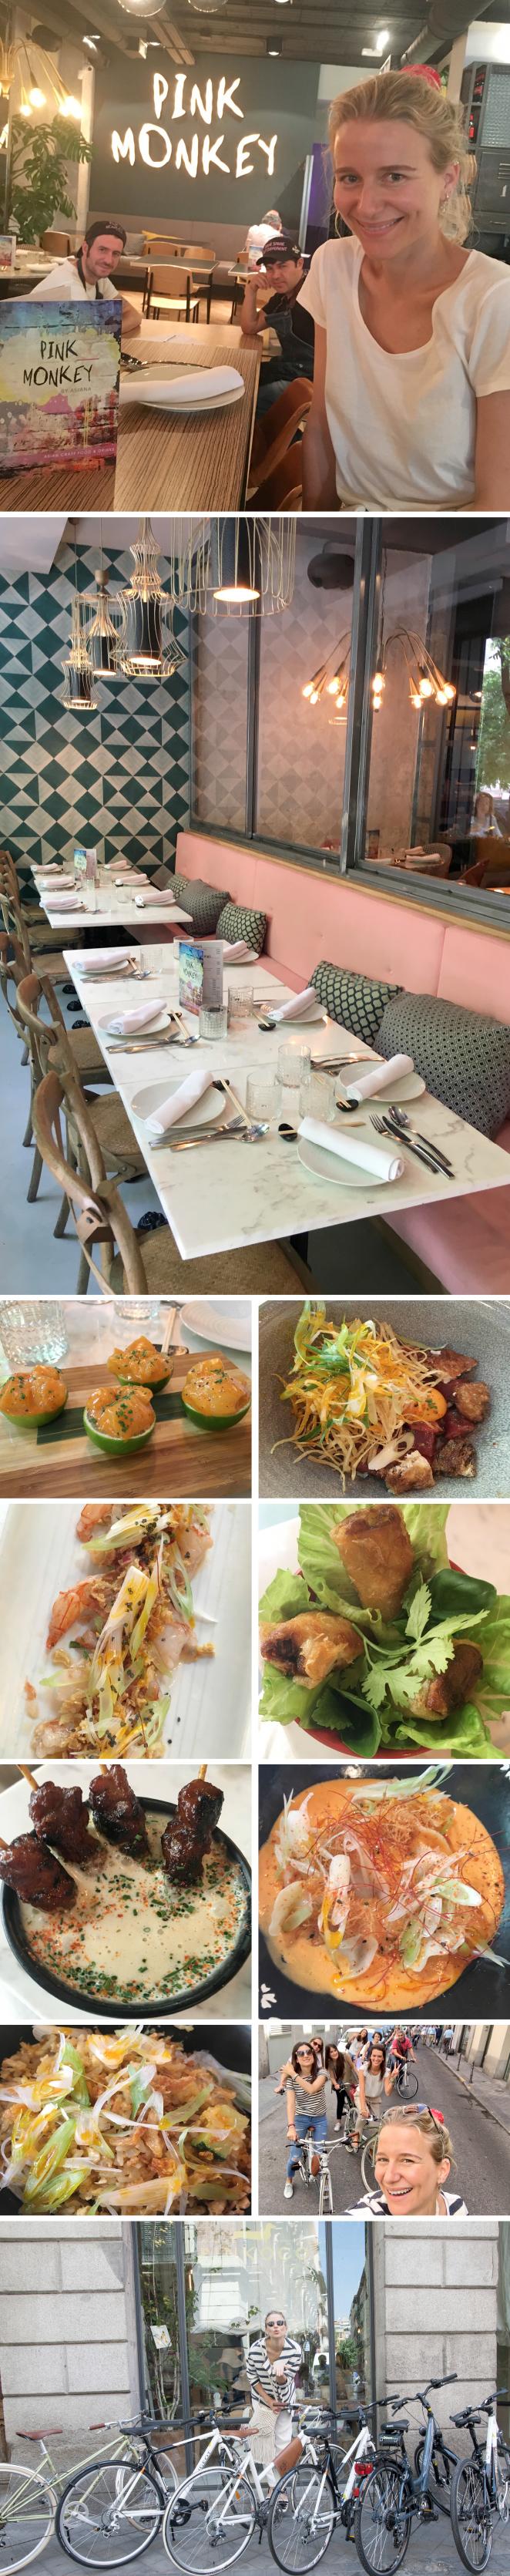 Pink Monkey. Nuevo restaurante del conocido chef, Jaime Renedo, y donde se puede disfrutar de una cocina fusión peruana-oriental con toques mexicanos